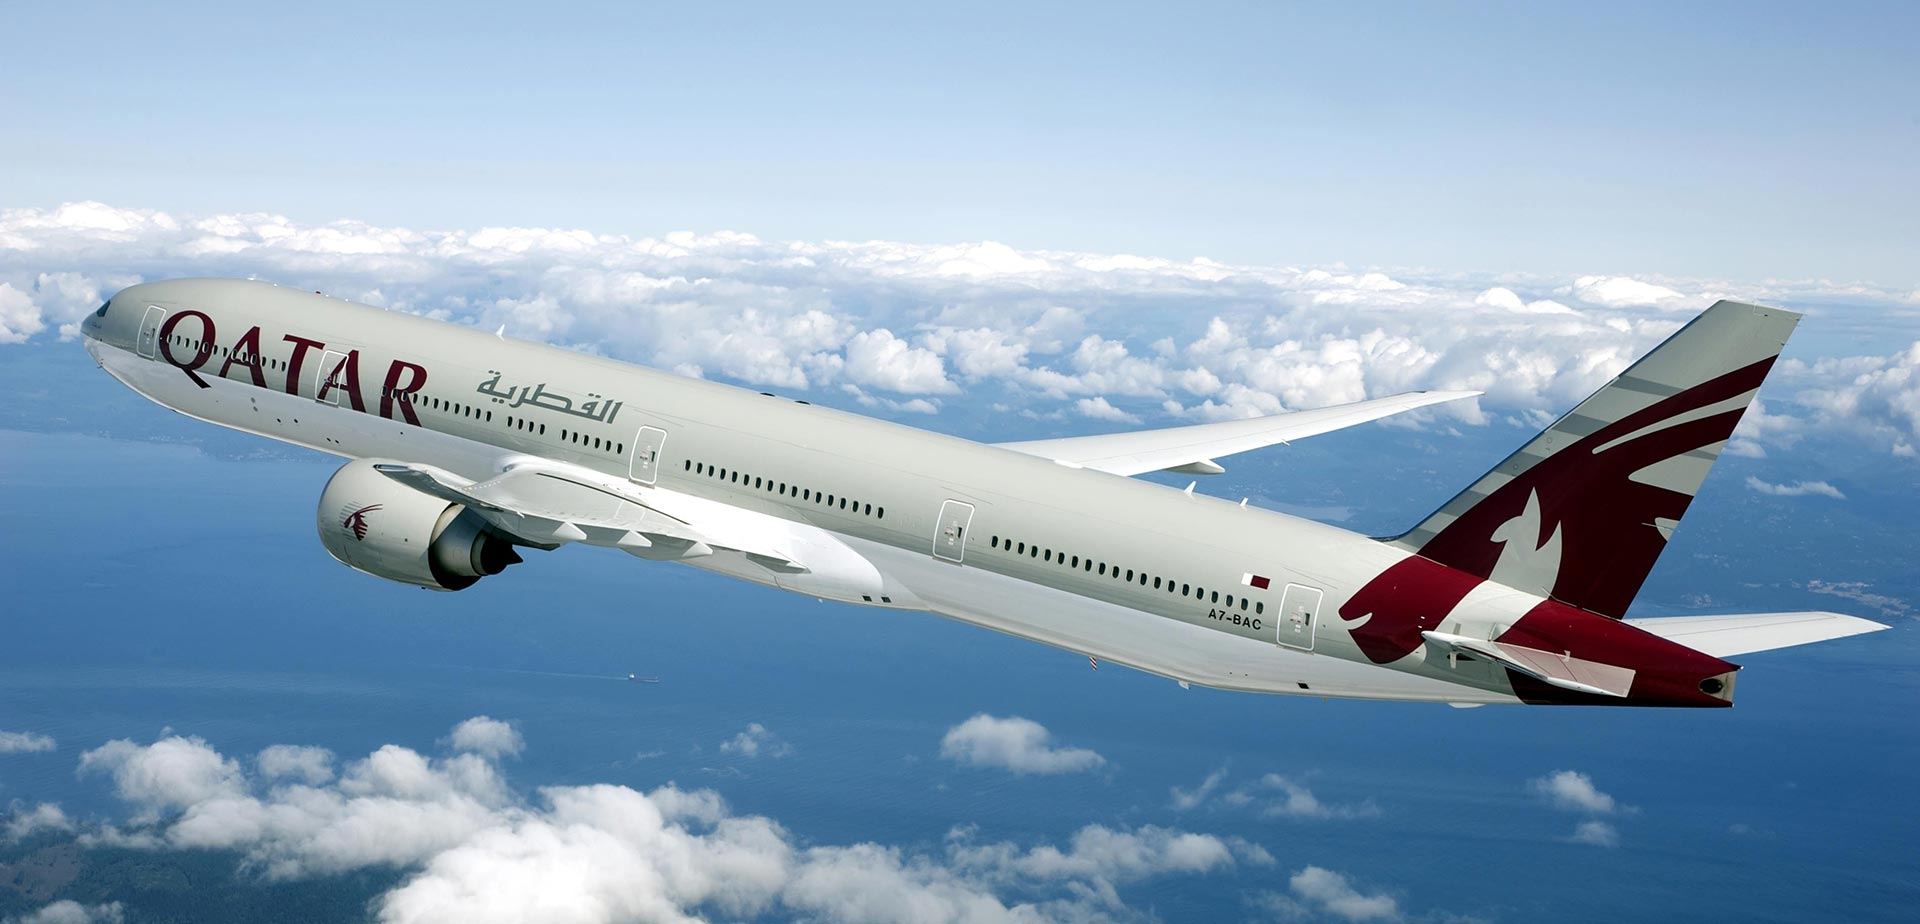 La aerolínea estatal qatarí suspendió sus vuelos en medio de la crisis entre los países del golfo